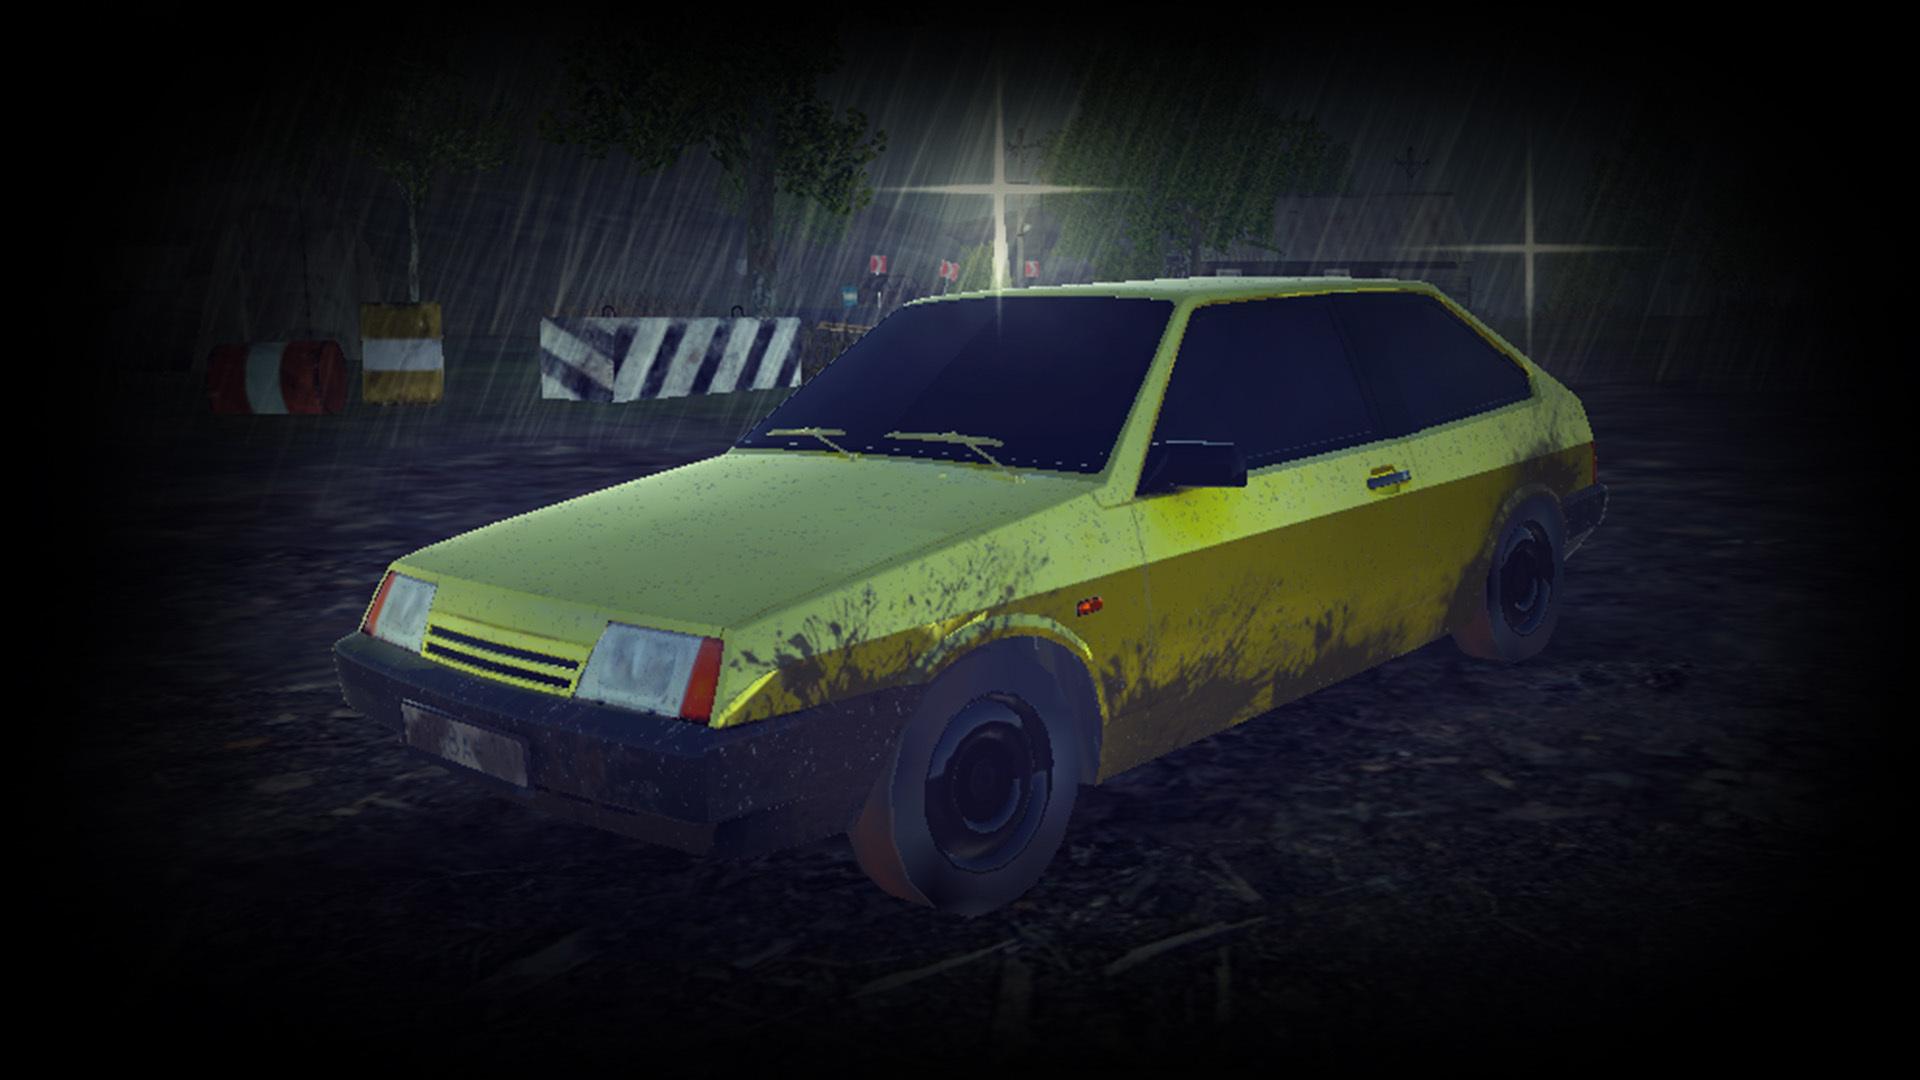 566990-Rally car